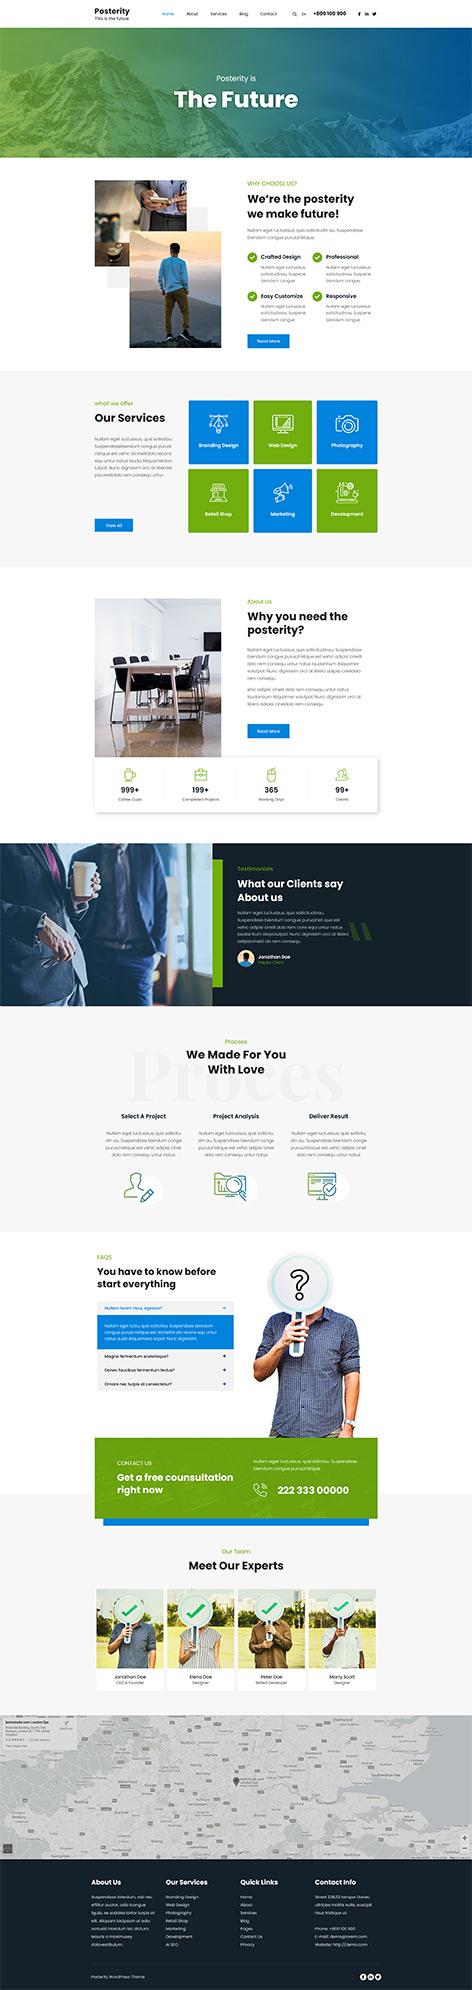 most customizable free WordPress theme